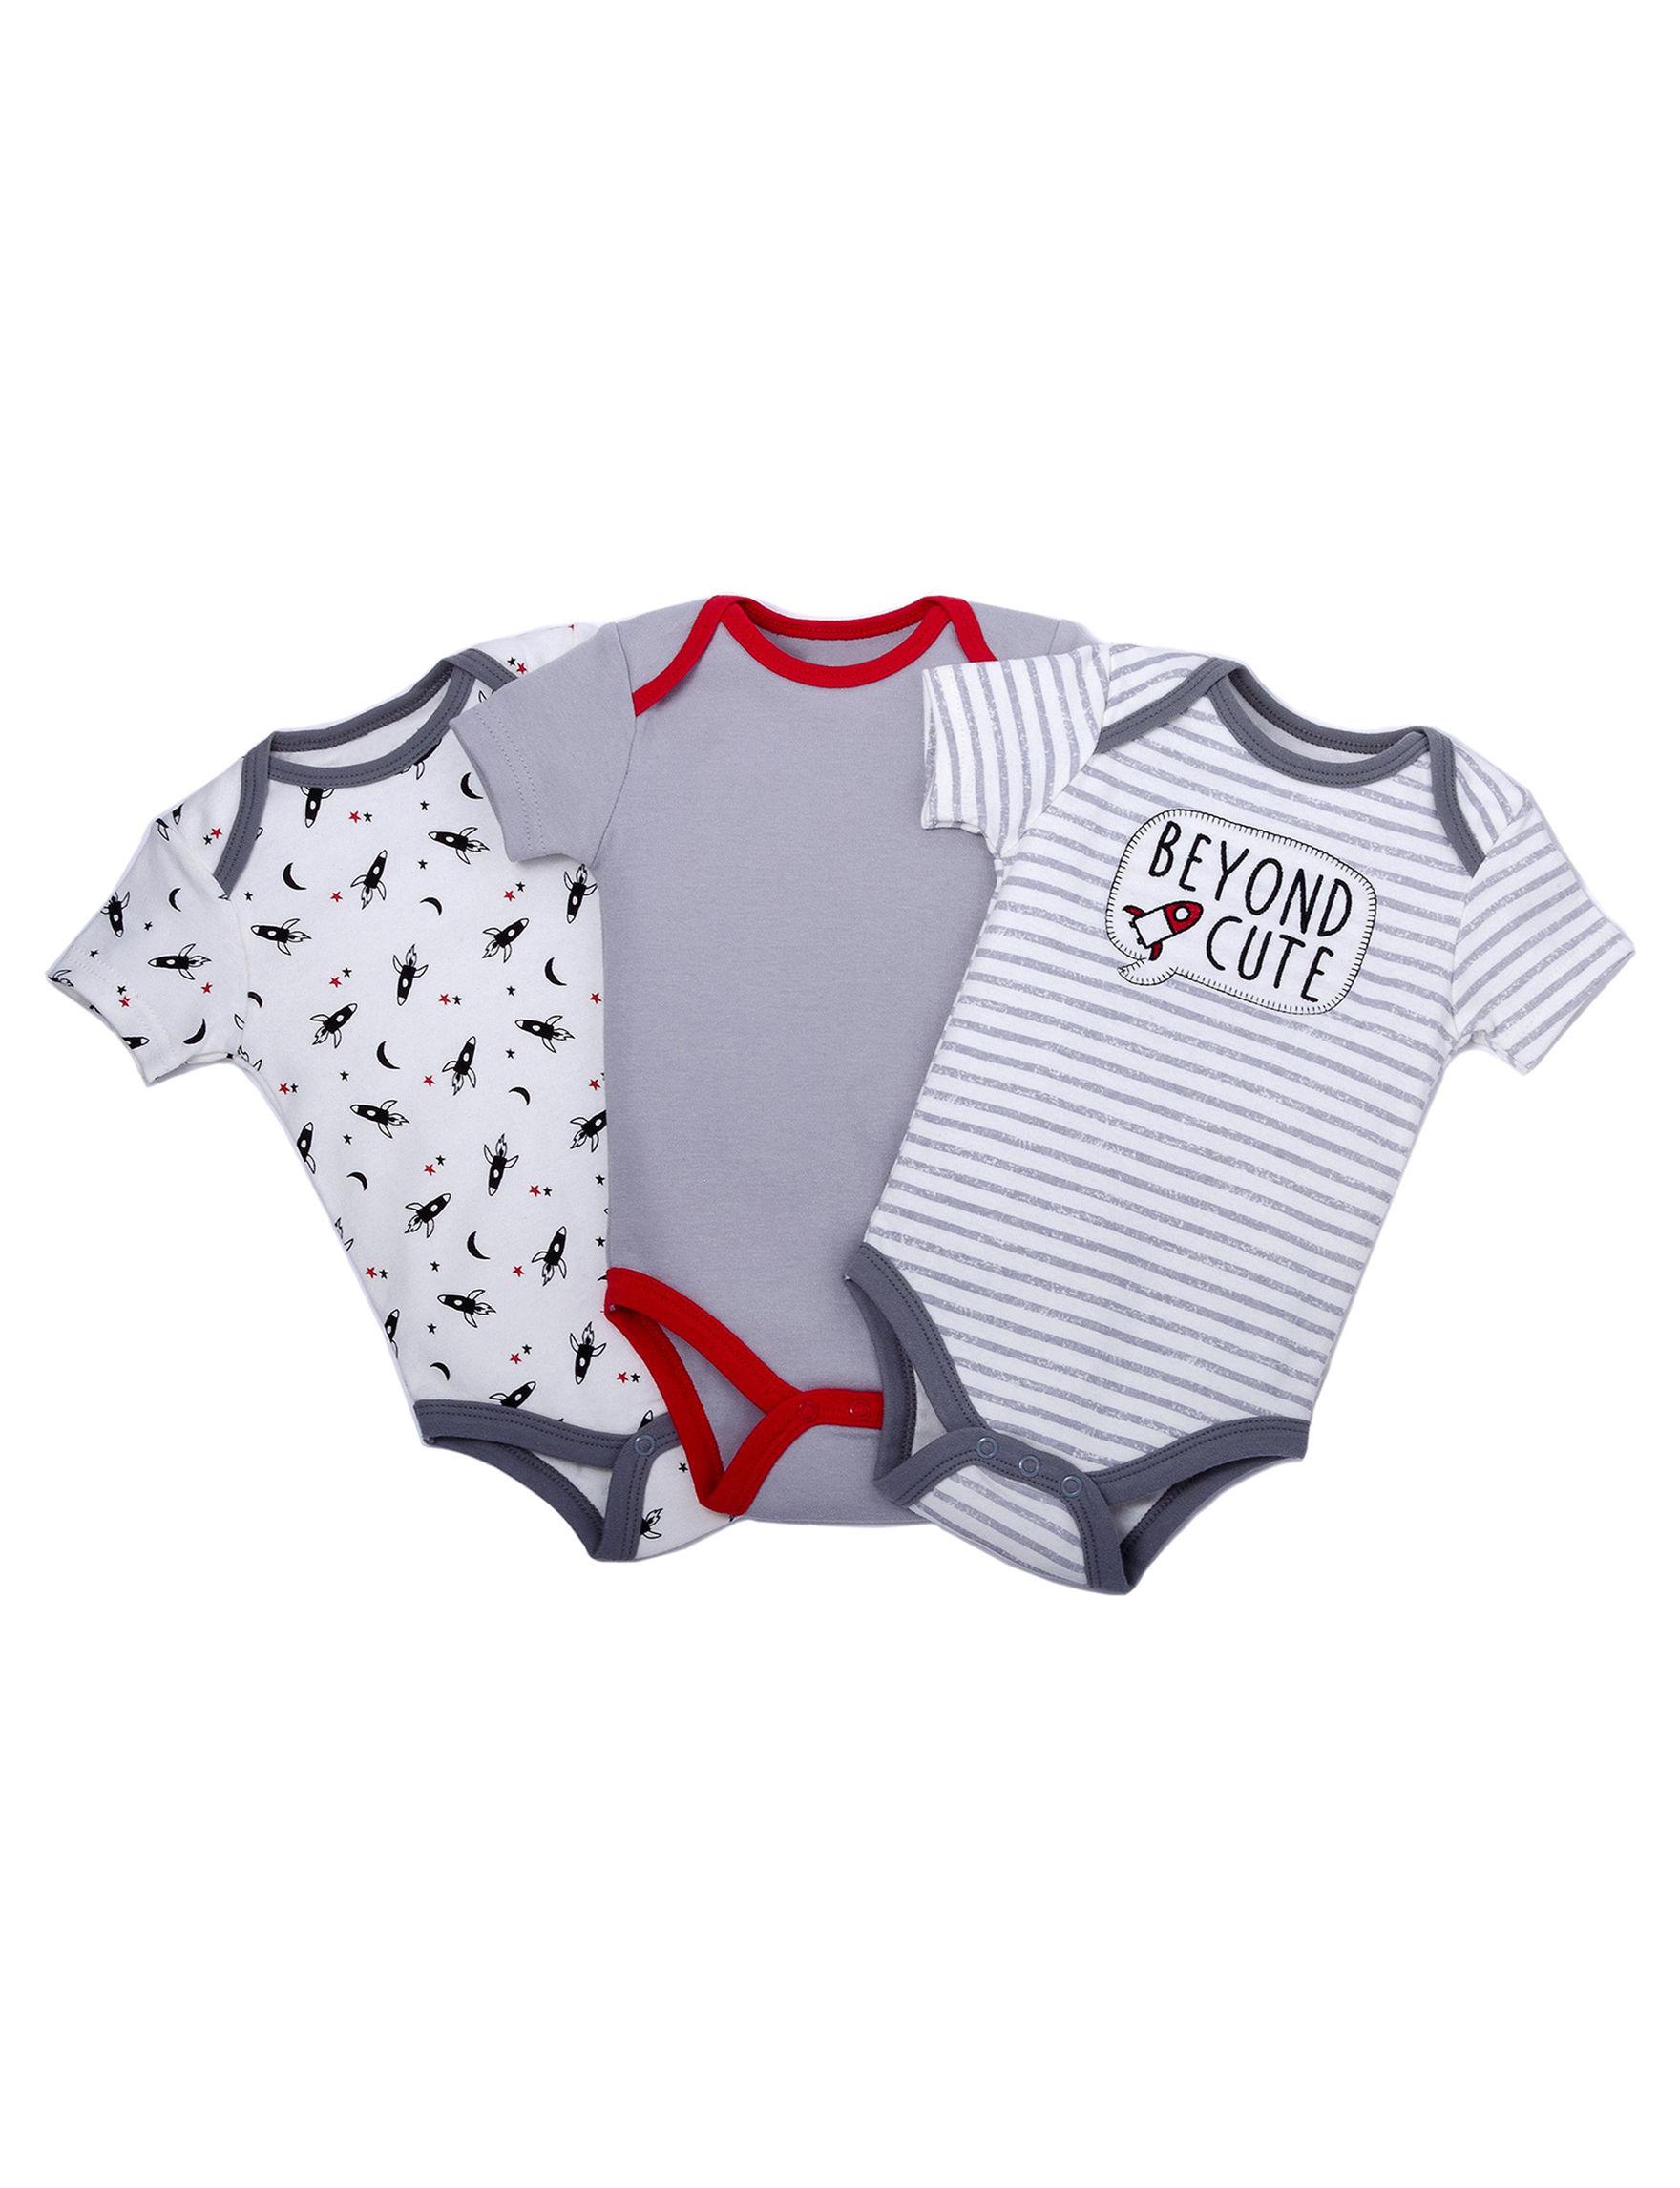 Baby Gear Grey